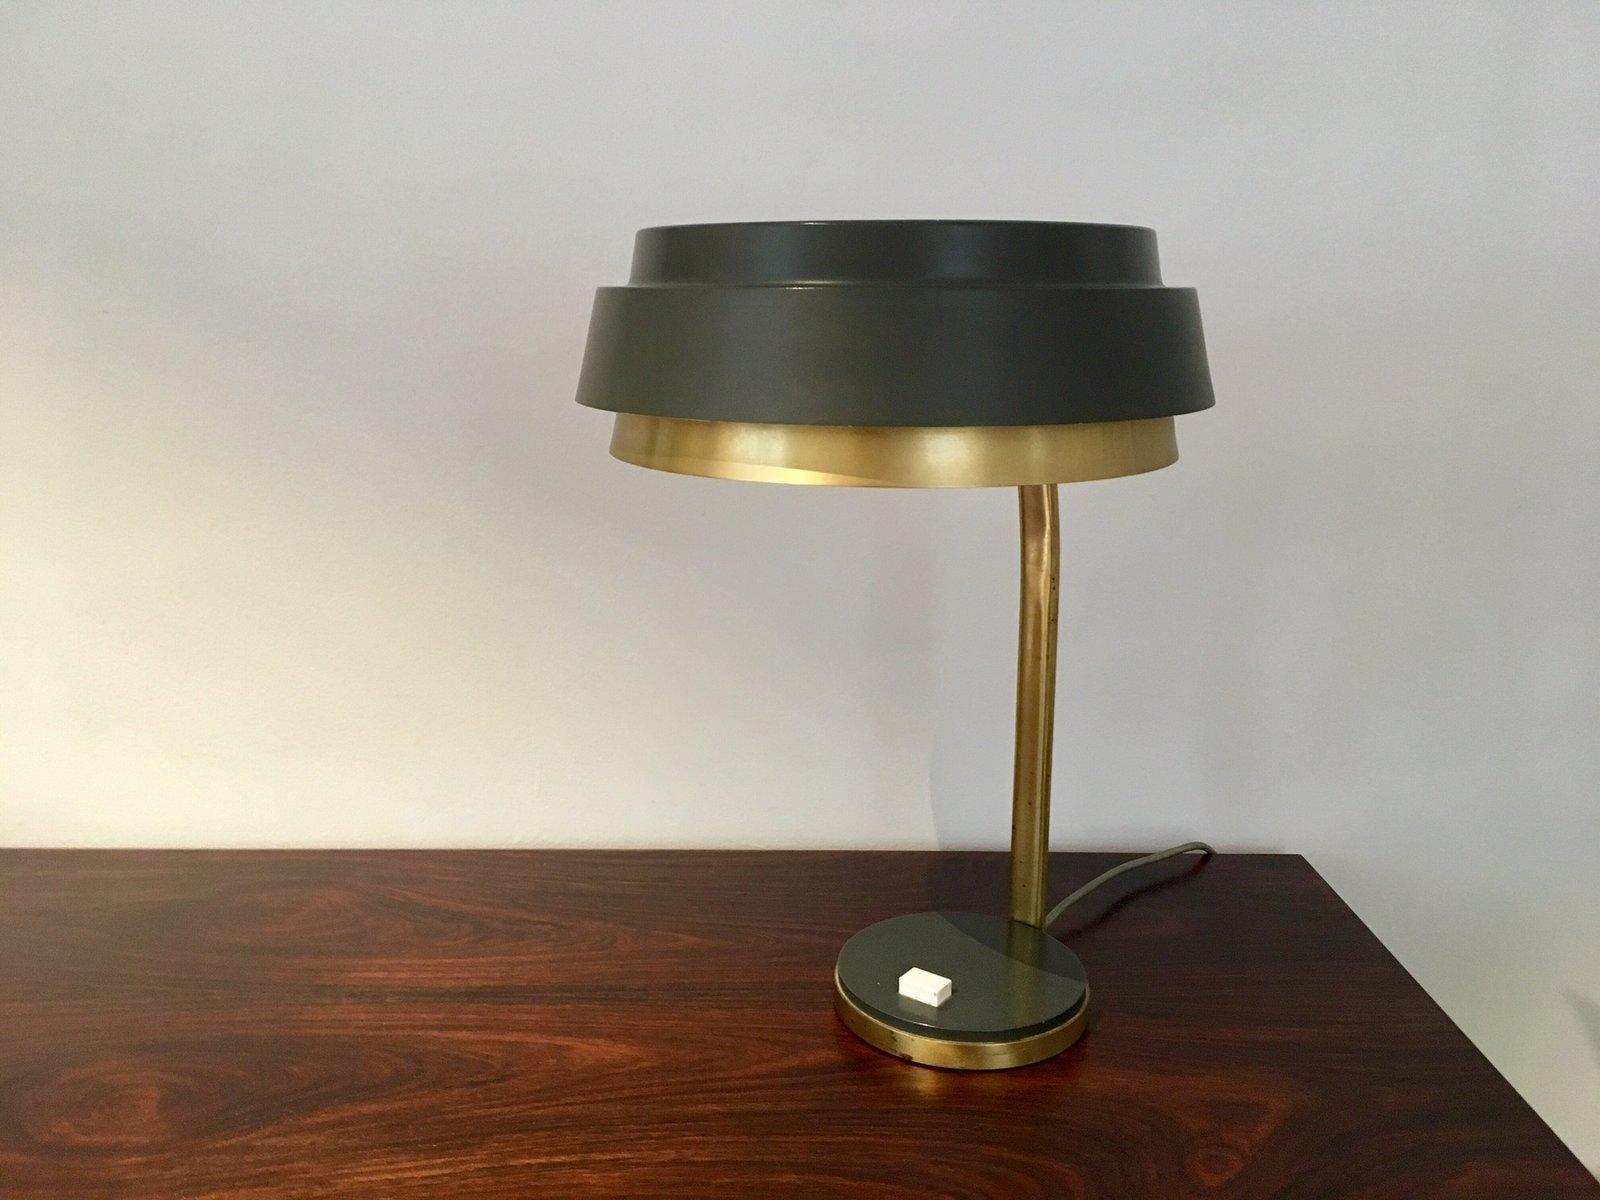 lampe de bureau vintage en laiton et m tal gris en vente sur pamono. Black Bedroom Furniture Sets. Home Design Ideas